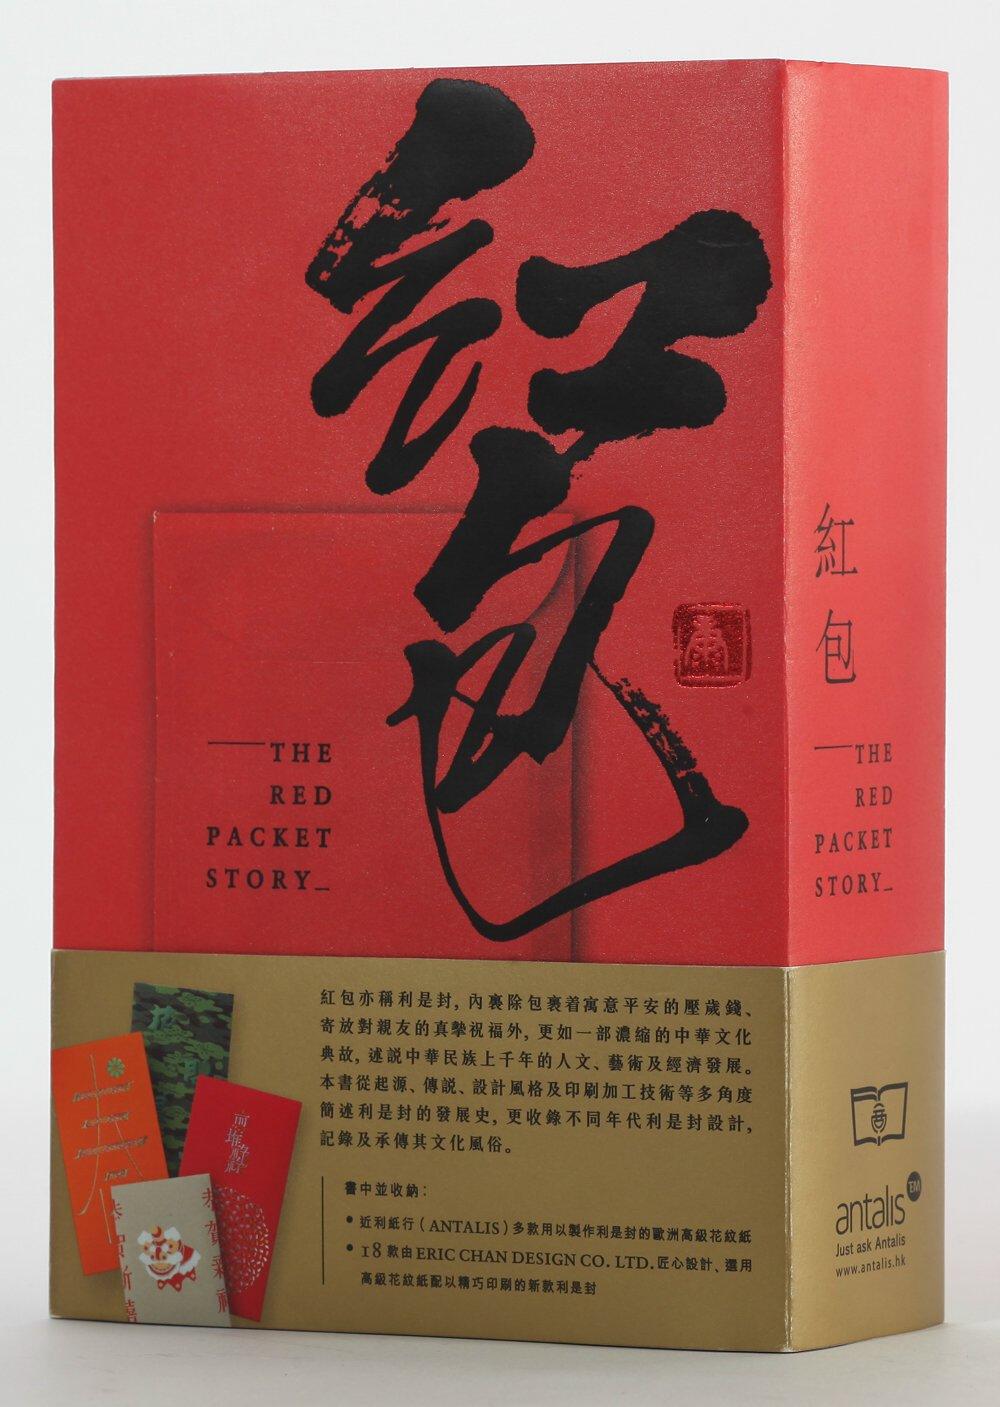 紅包-隨書附十八款匠心設計「利是封」(香港出版)